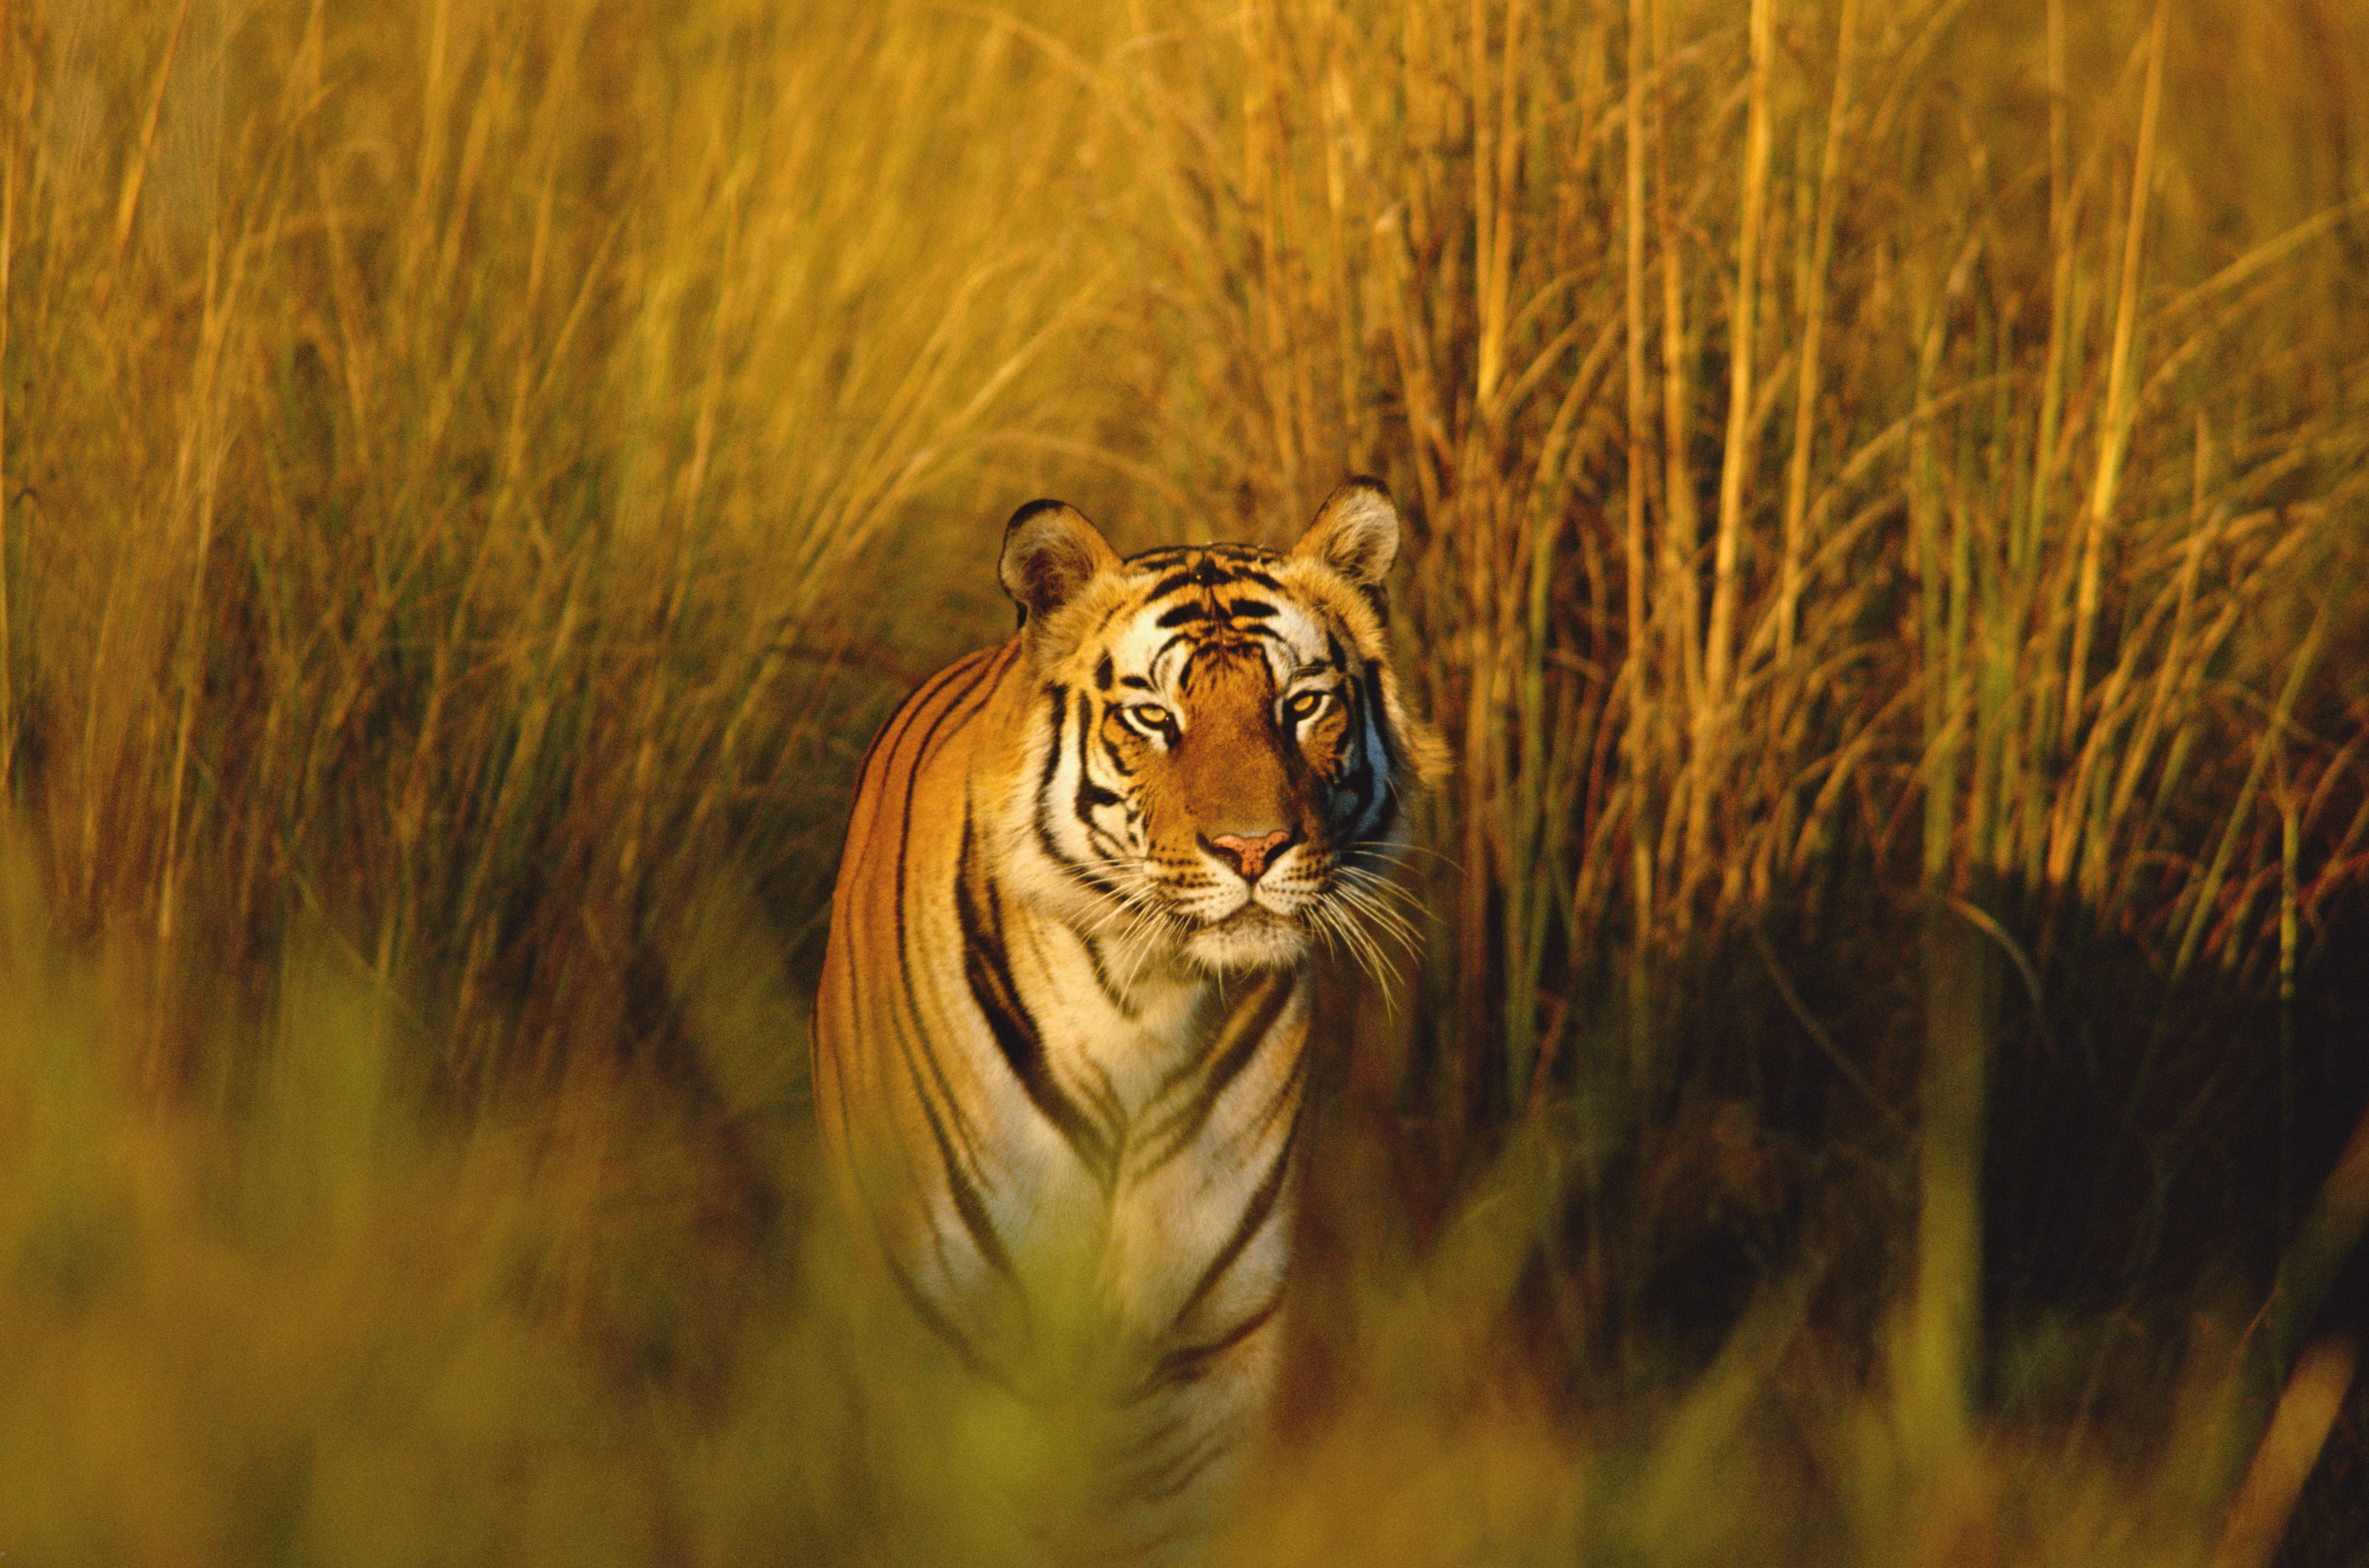 bengal tiger species wwf. Black Bedroom Furniture Sets. Home Design Ideas